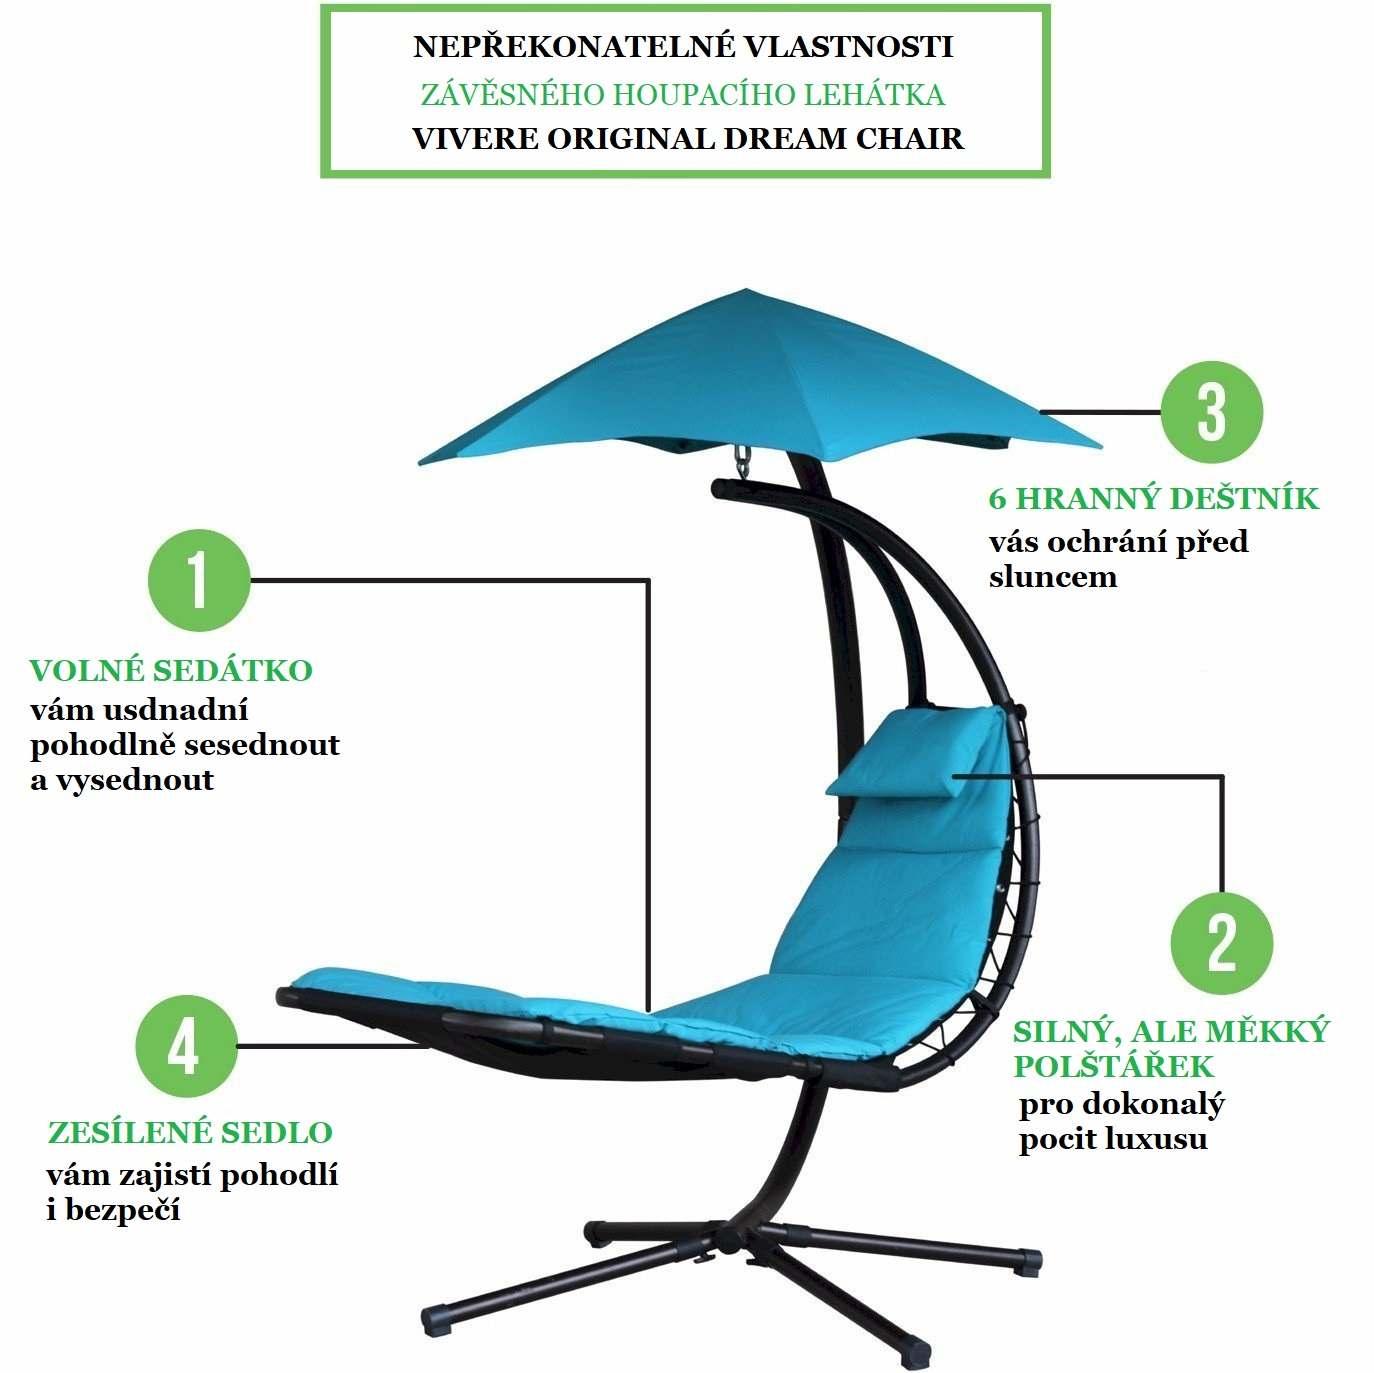 4 vlastnosti závěsného houpacího lehátka Vivere Original Dream Chair